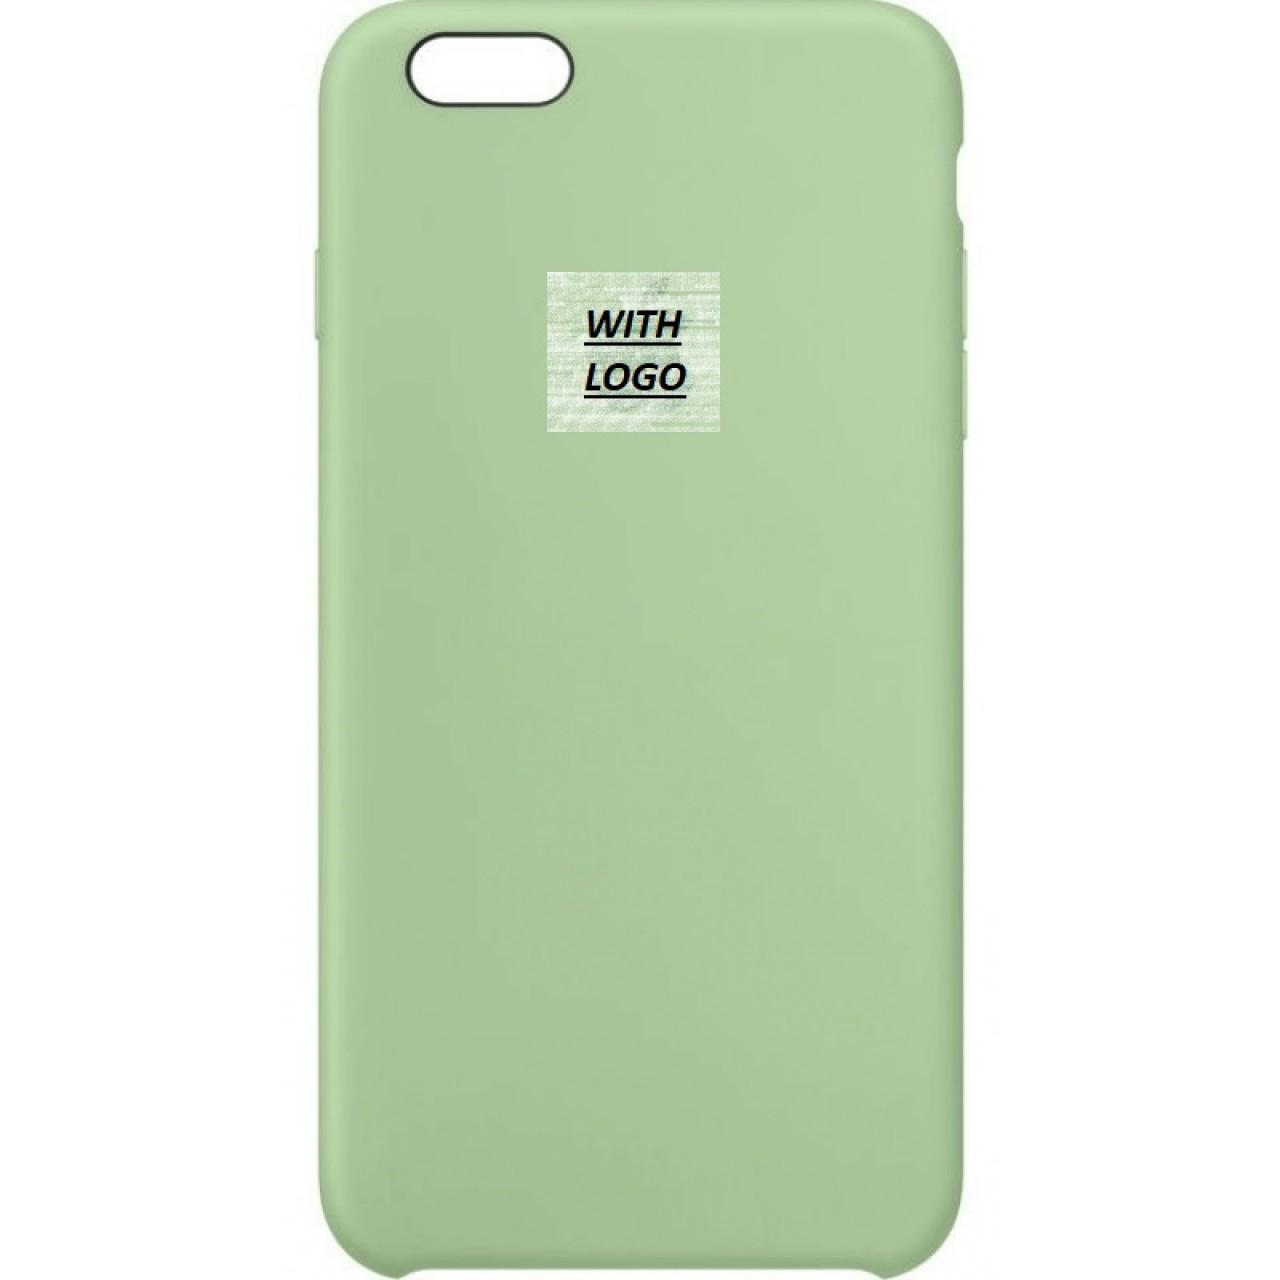 ΘΗΚΗ ΠΡΟΣΤΑΣΙΑΣ ΣΙΛΙΚΟΝΗΣ ΓΙΑ iPhone 6 PLUS ΜΕΝΤΑ - BACK COVER SILICON CASE MINT - OEM